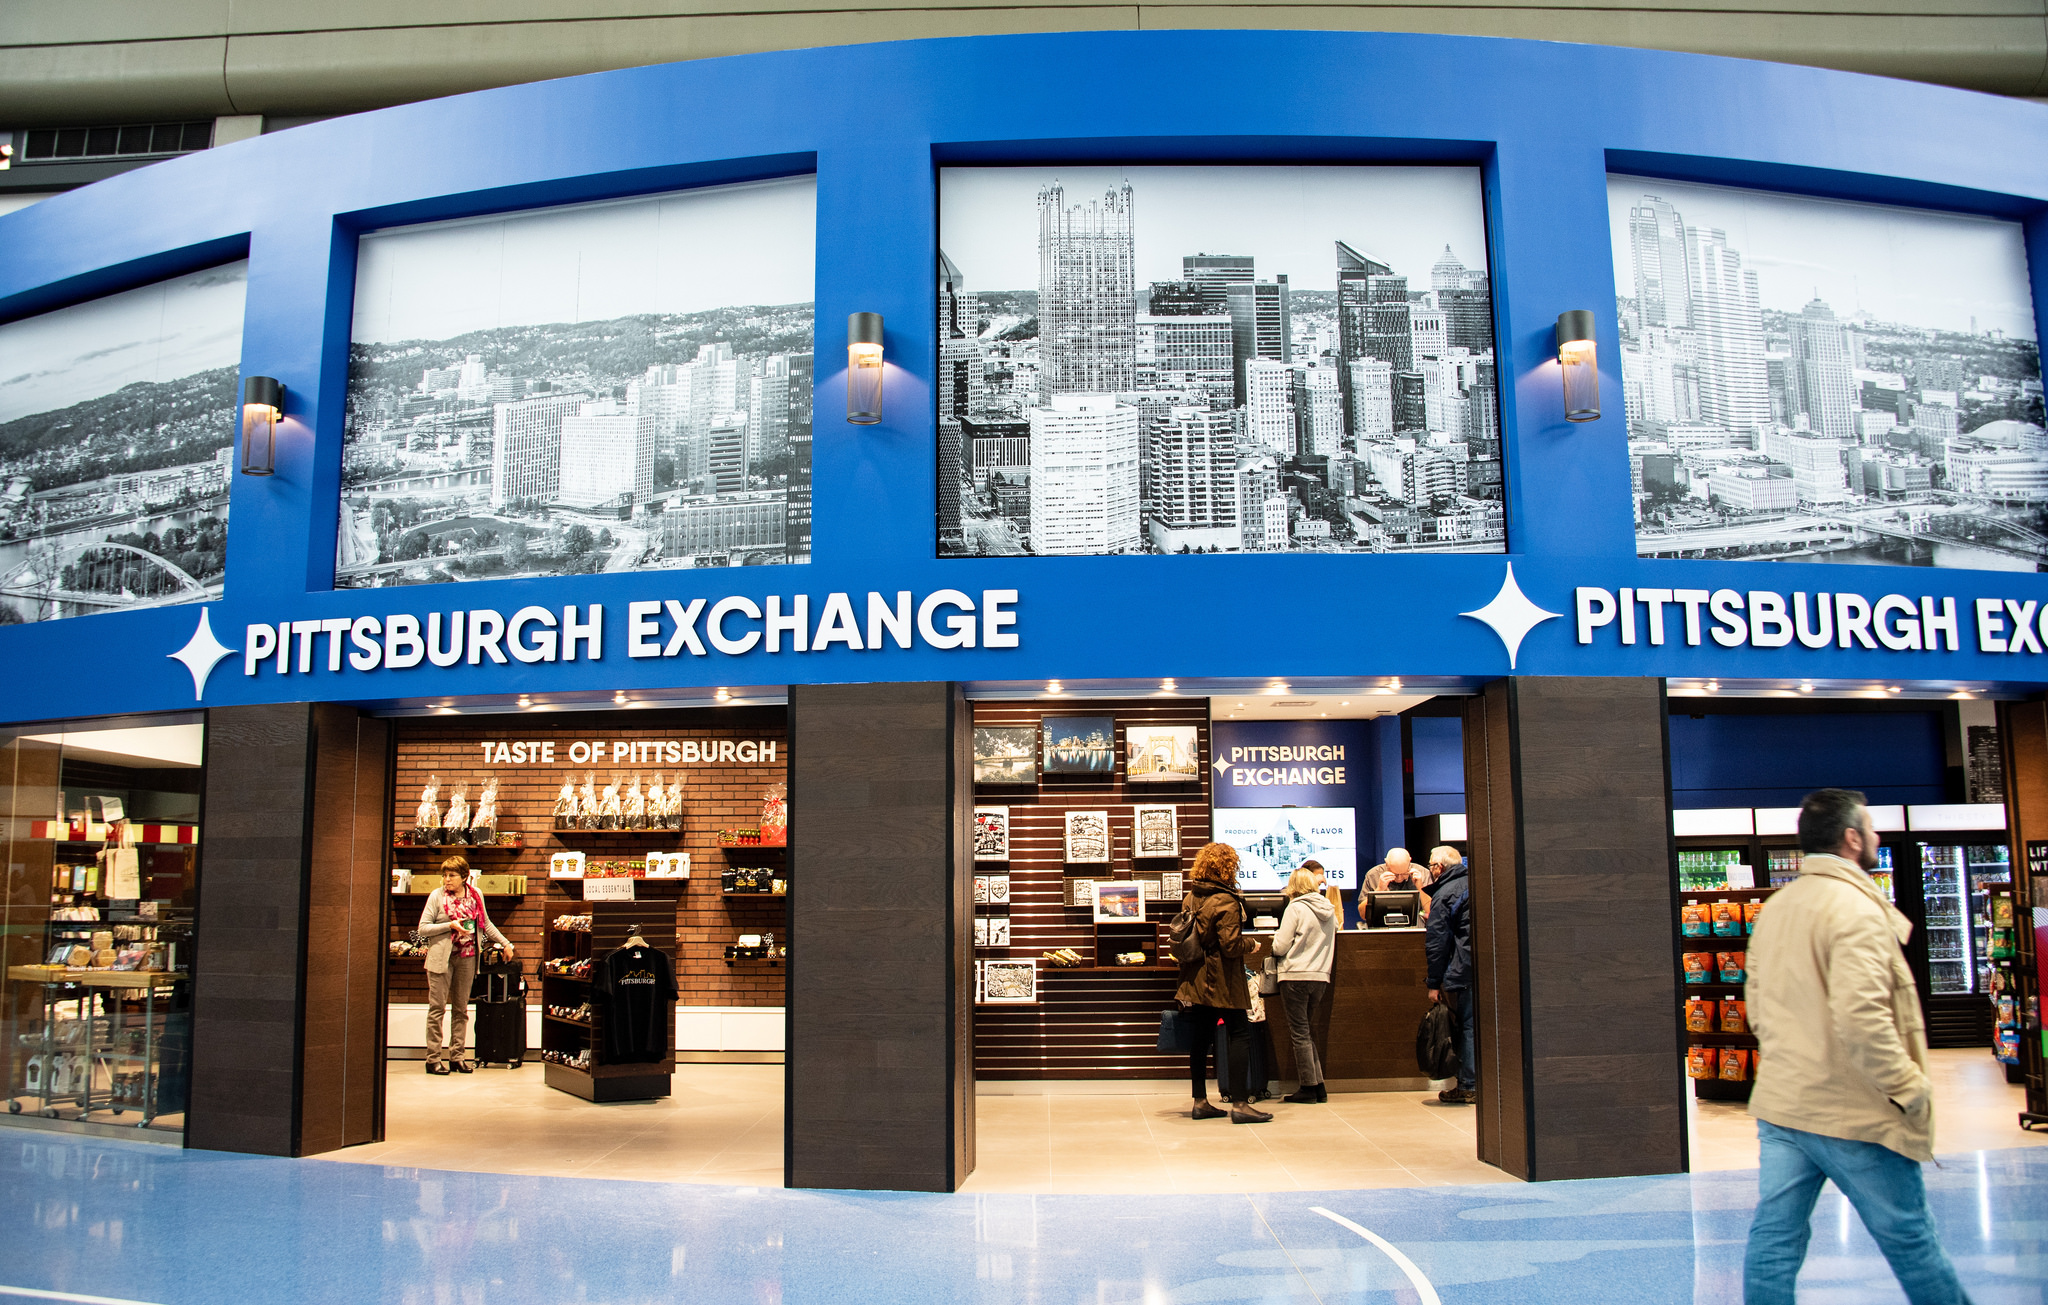 Pittsburgh Exchange